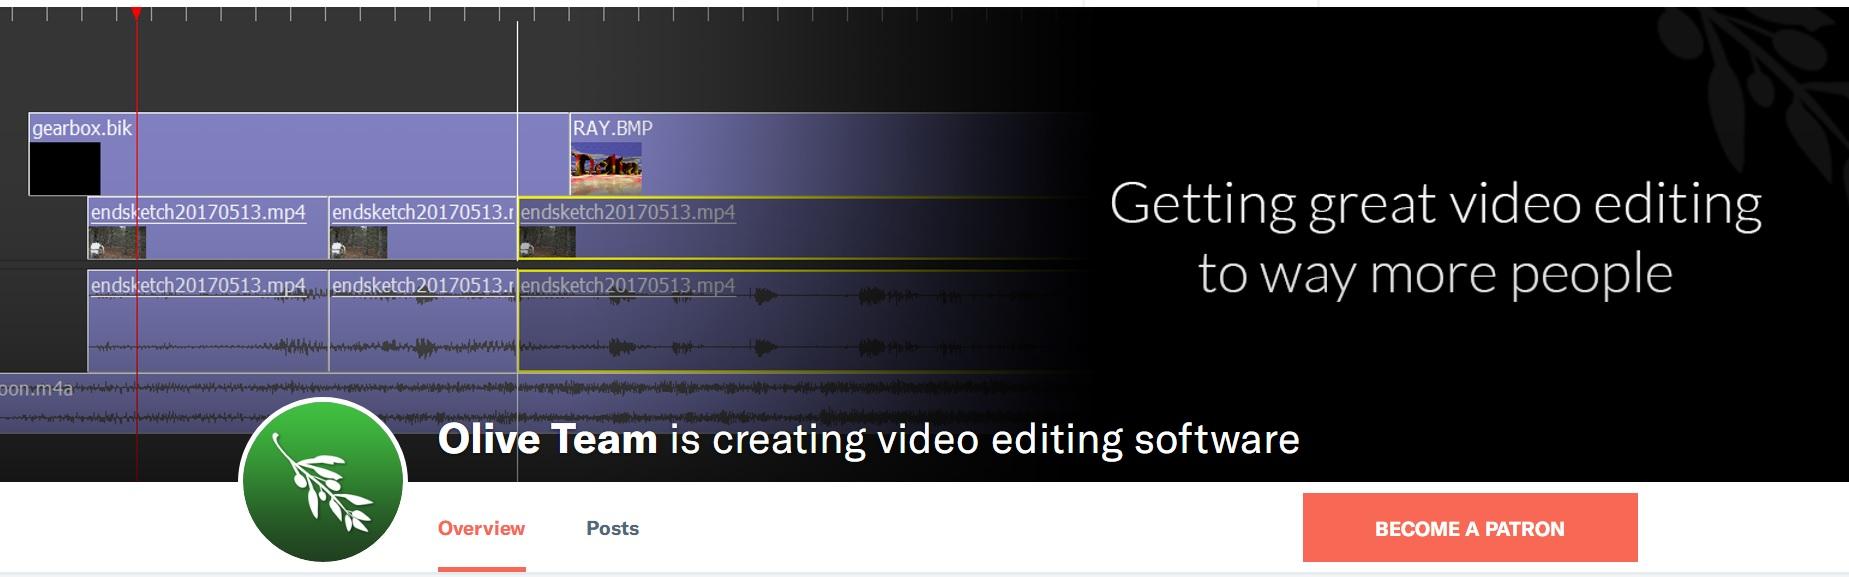 Linux 上的开源视频剪辑软件OliveLinux 上的开源视频剪辑软件Olive